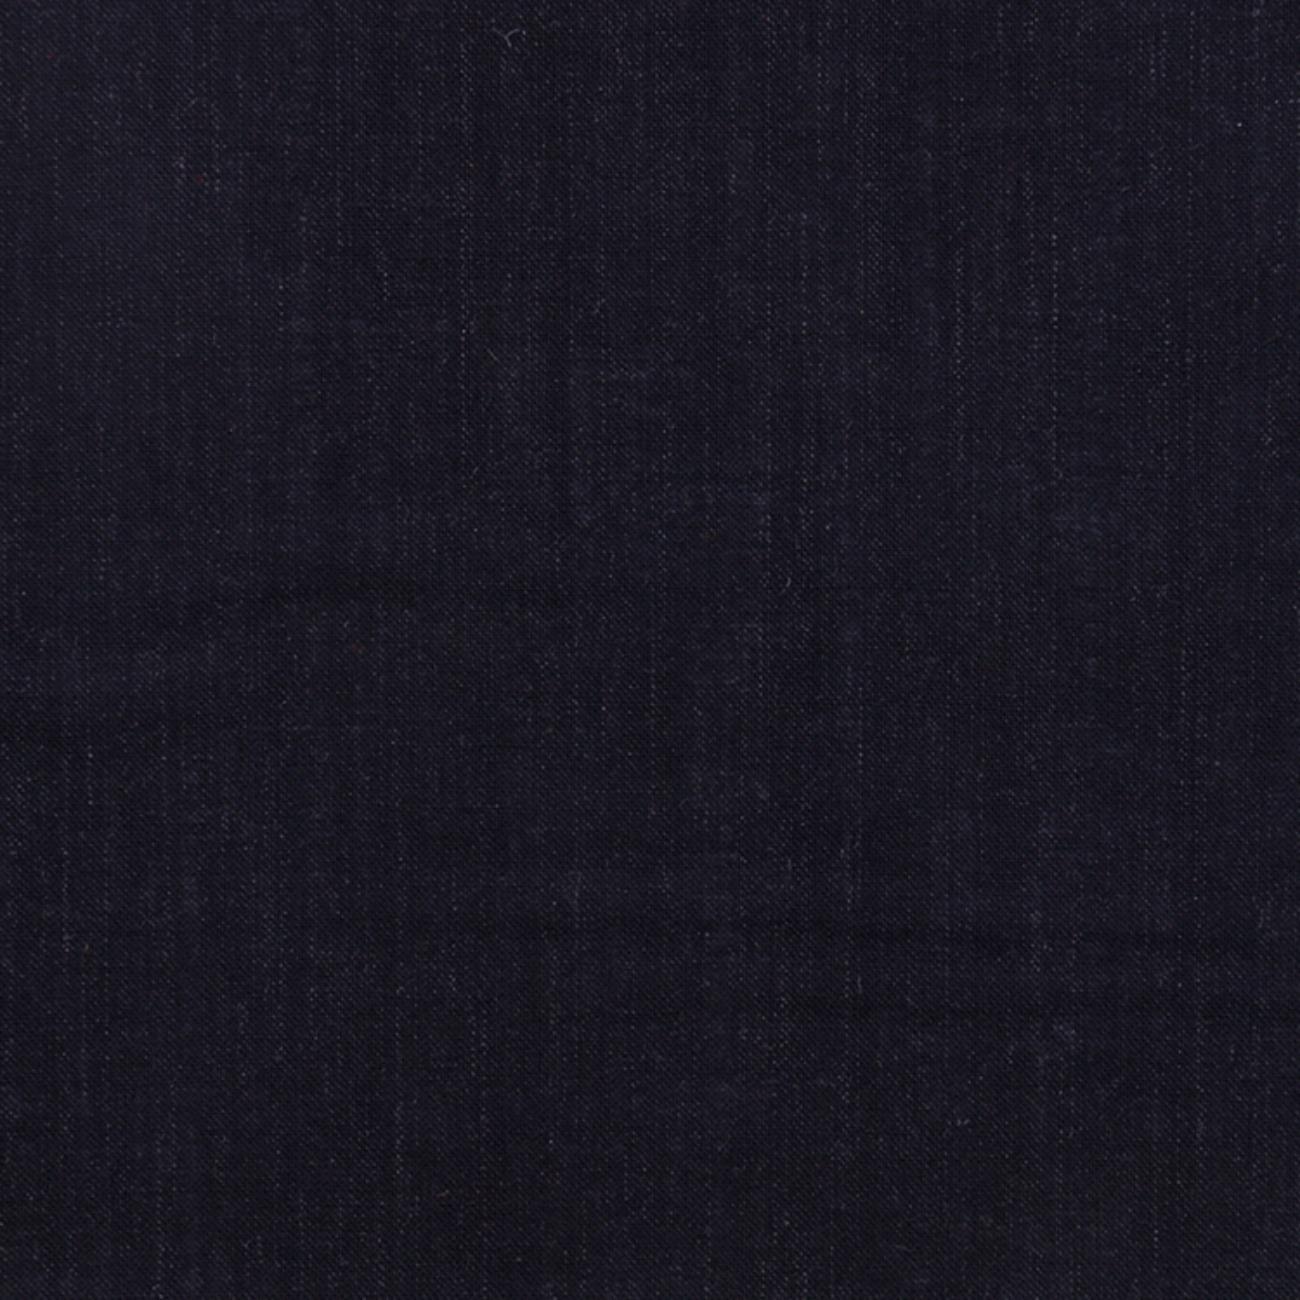 毛纺 素色 羊毛 染色 薄 精仿 西装 职业装 春秋 女装 男装 71122-18